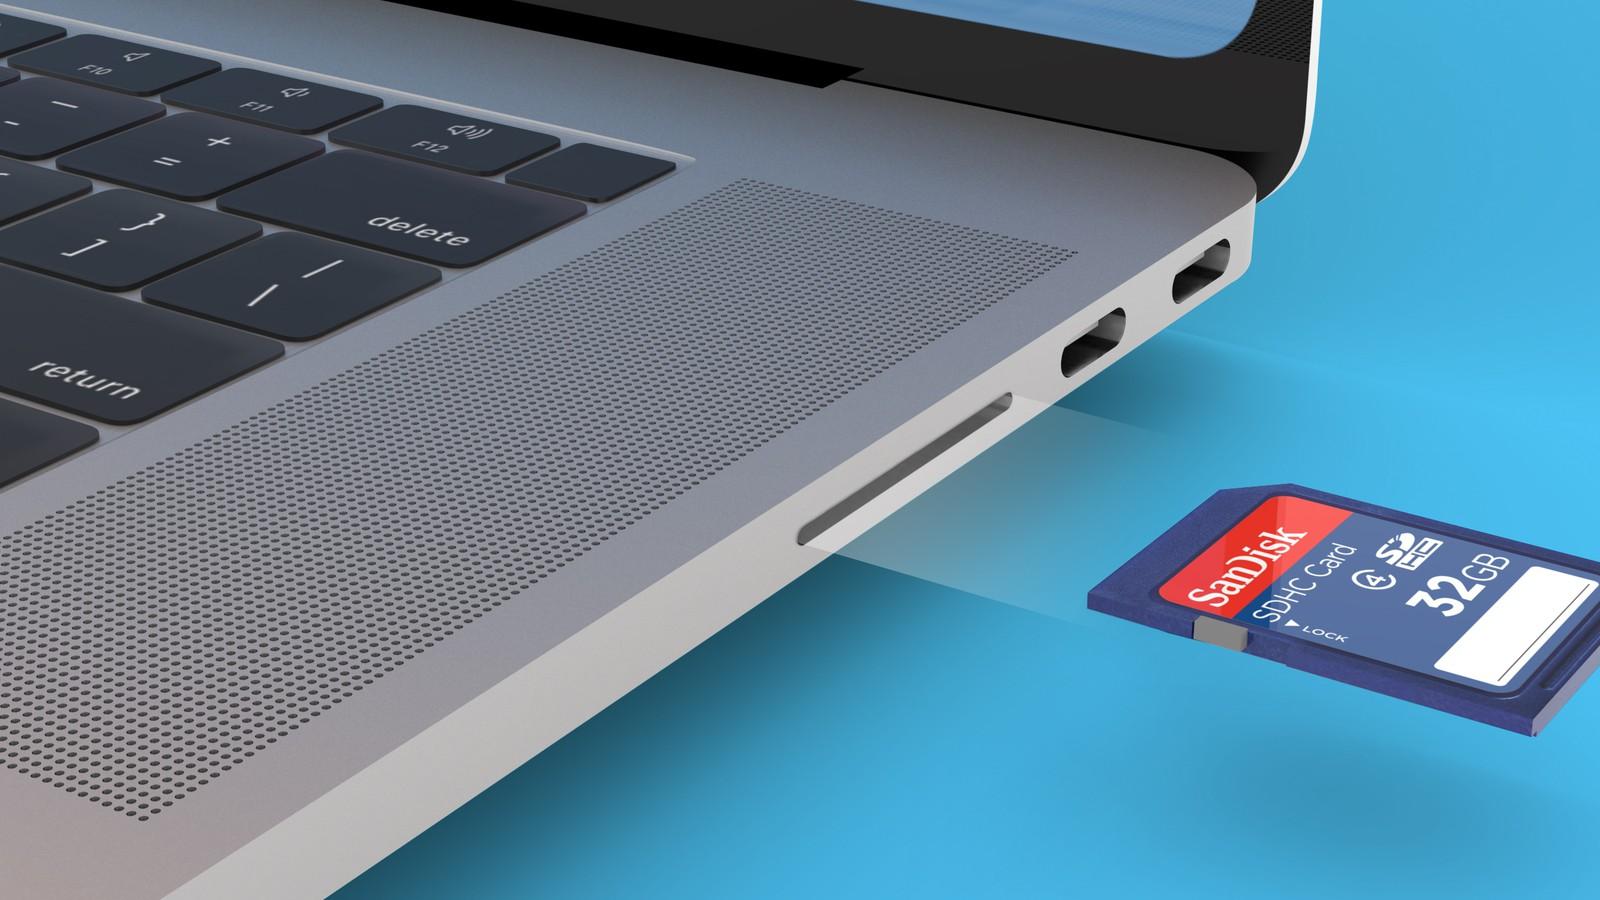 macbook pro 2021 thẻ nhớ sd, cổng hdmi